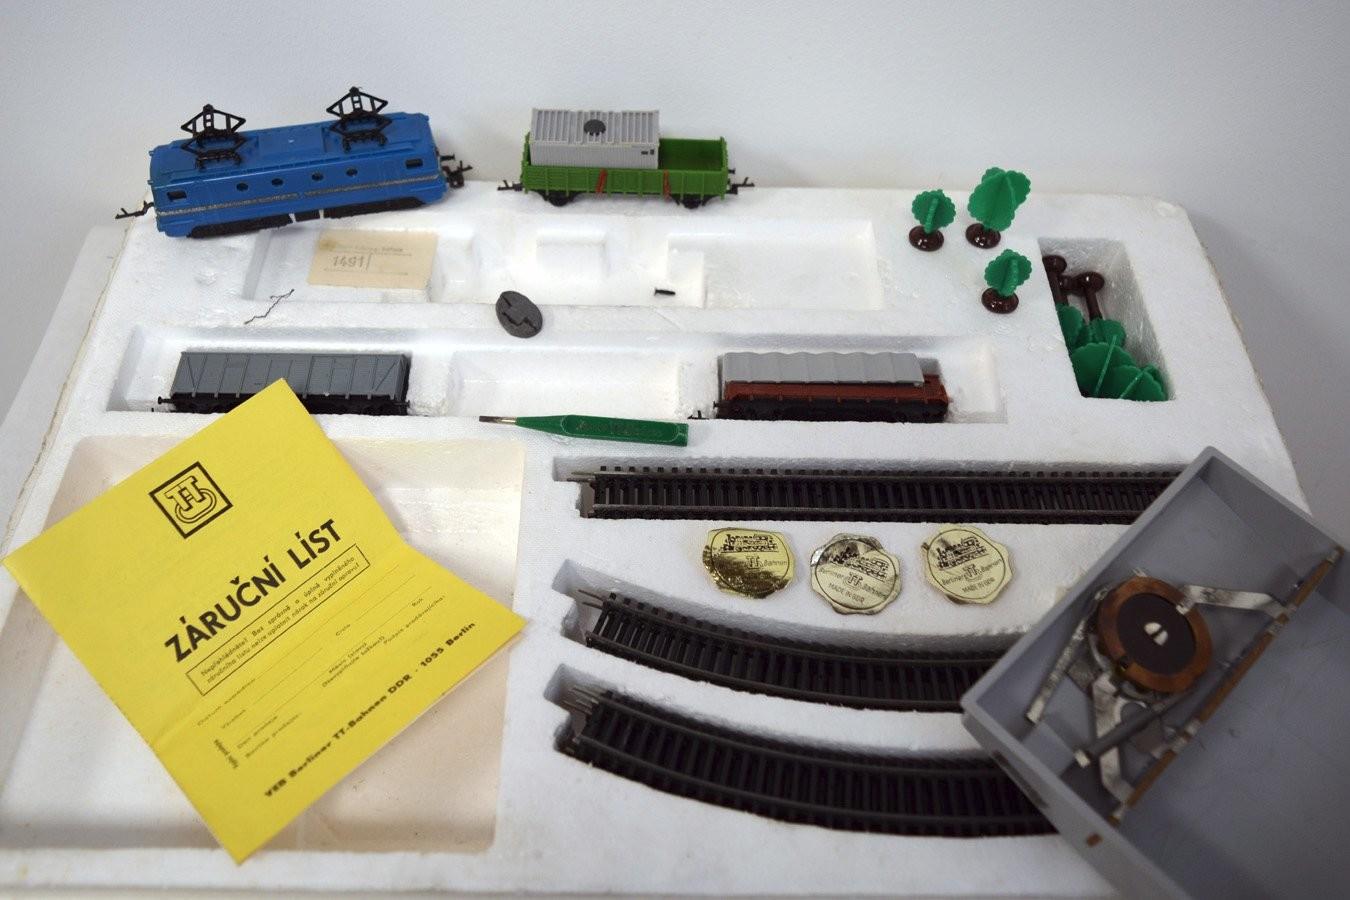 0515bb0b043c045f89ff891770342885-tt-berliner-bahnen-1120-modell-vasut-keszlet.jpg